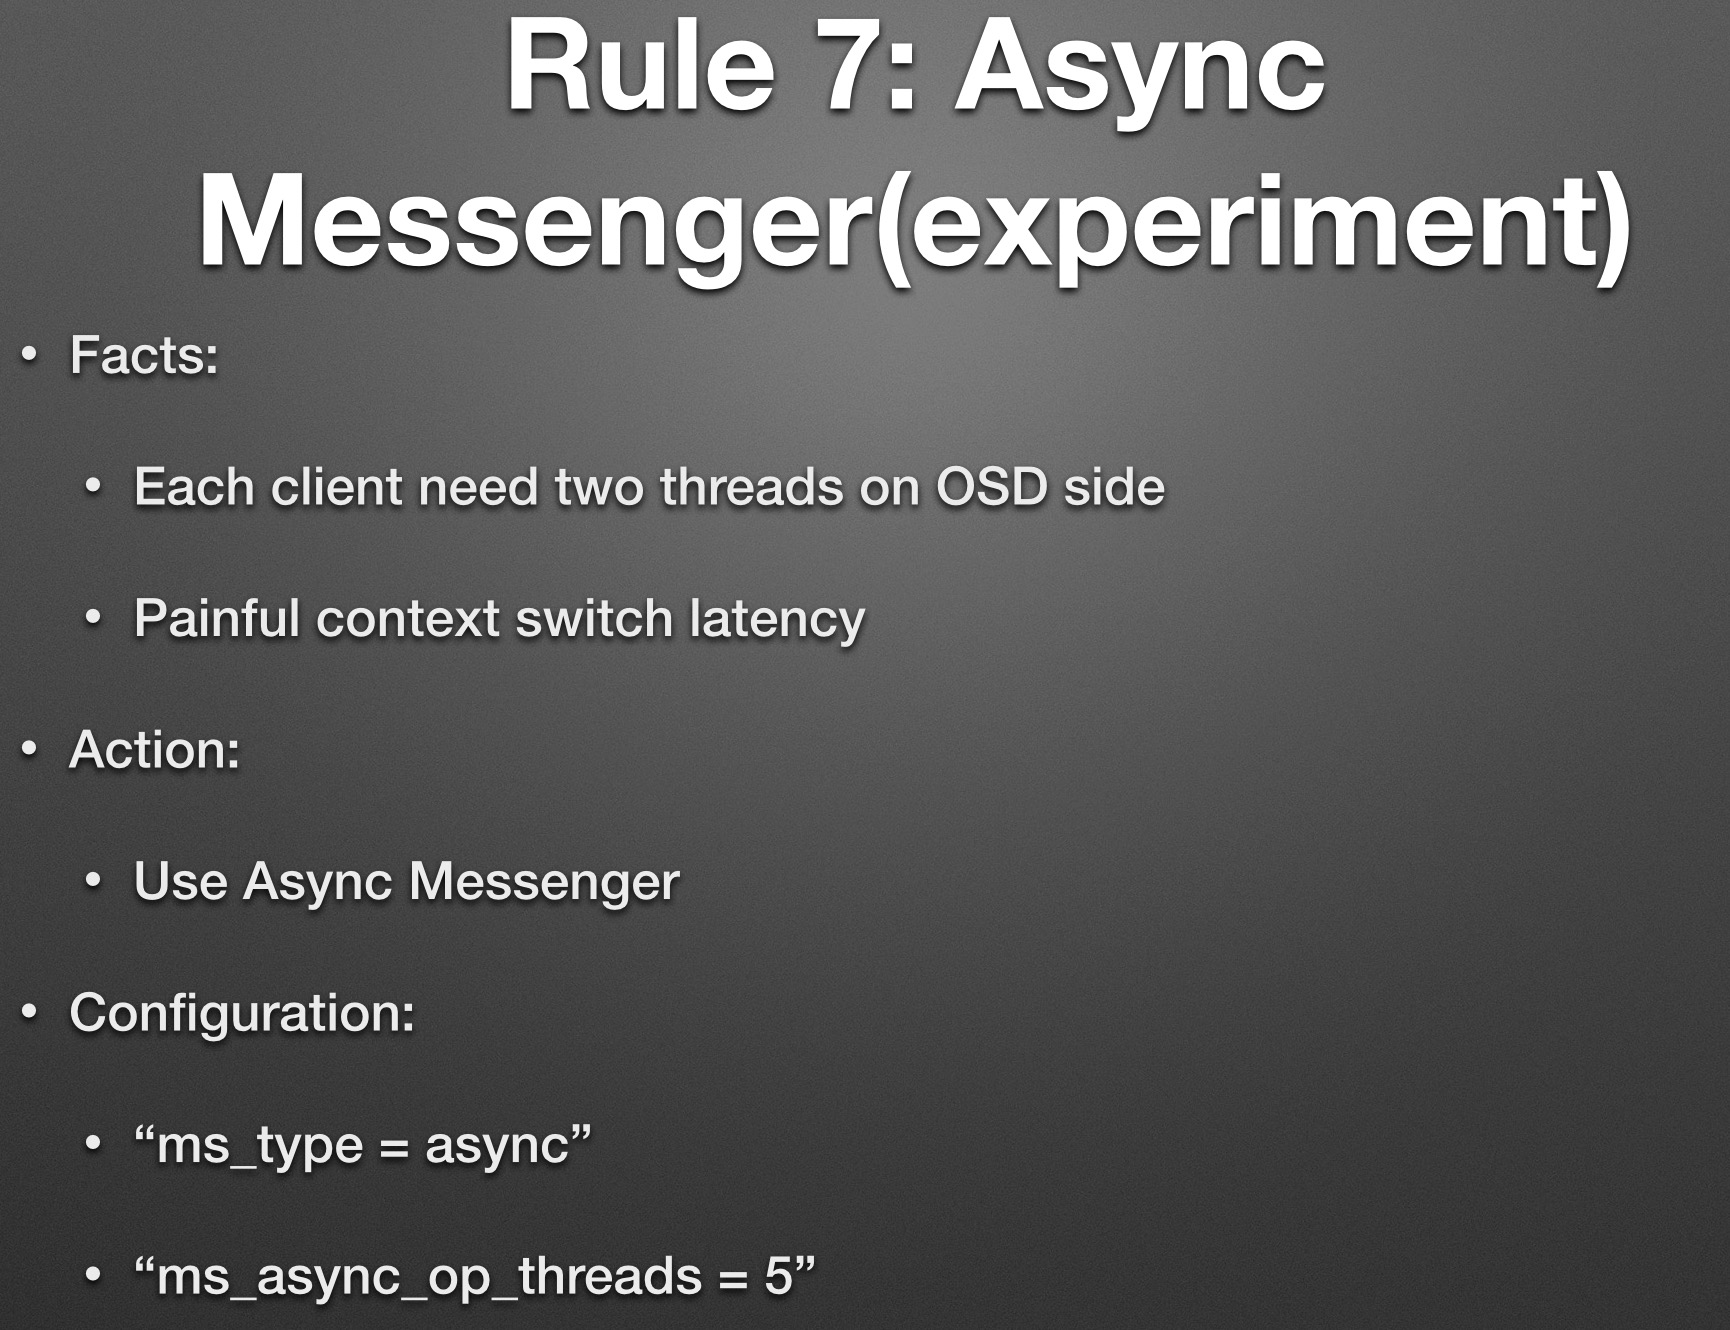 ss-rule-7